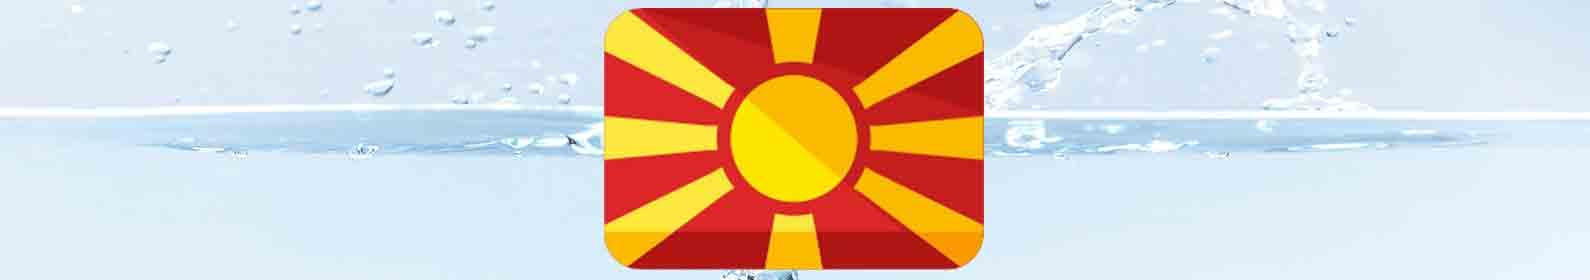 water-treatment-macedonia.jpg